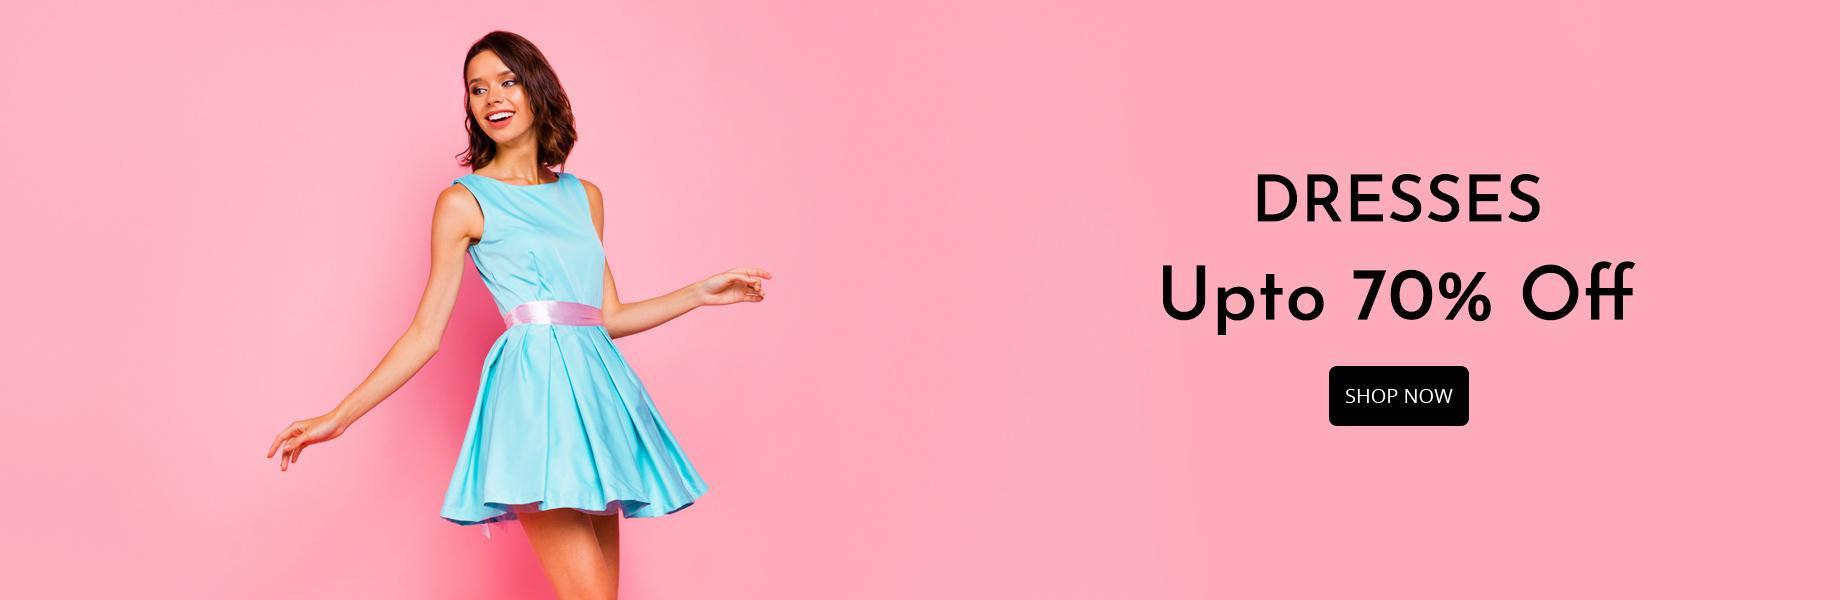 Womens-Page-Western-Wear-Static-Dresses-Web.jpg